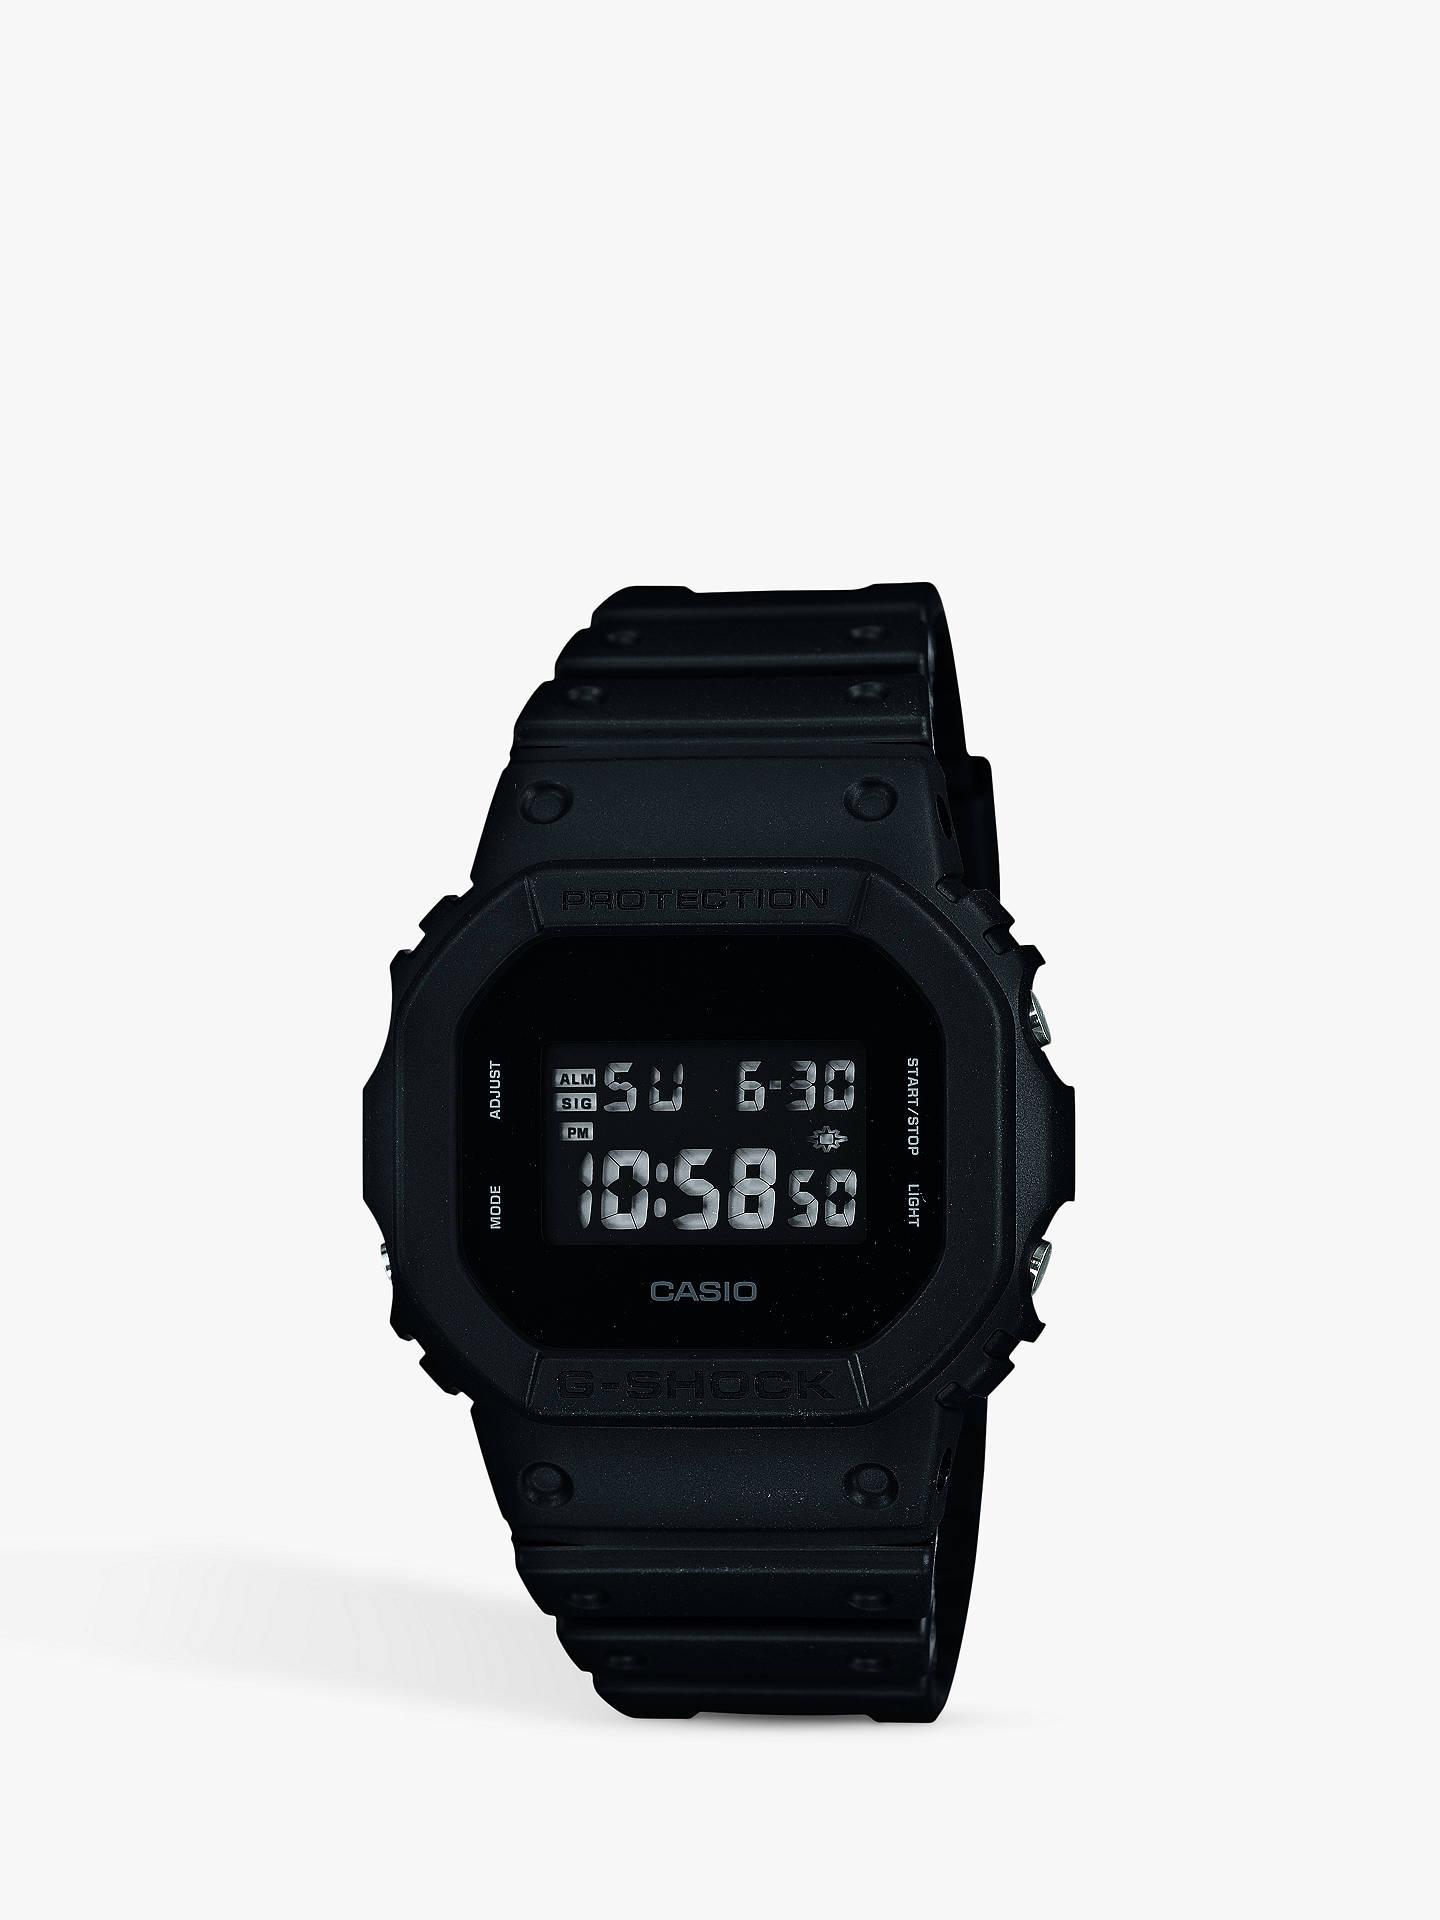 59a6ad3fc3bd Buy Casio Men's G-Shock Digital Resin Strap Watch, Black DW-5600BB- ...